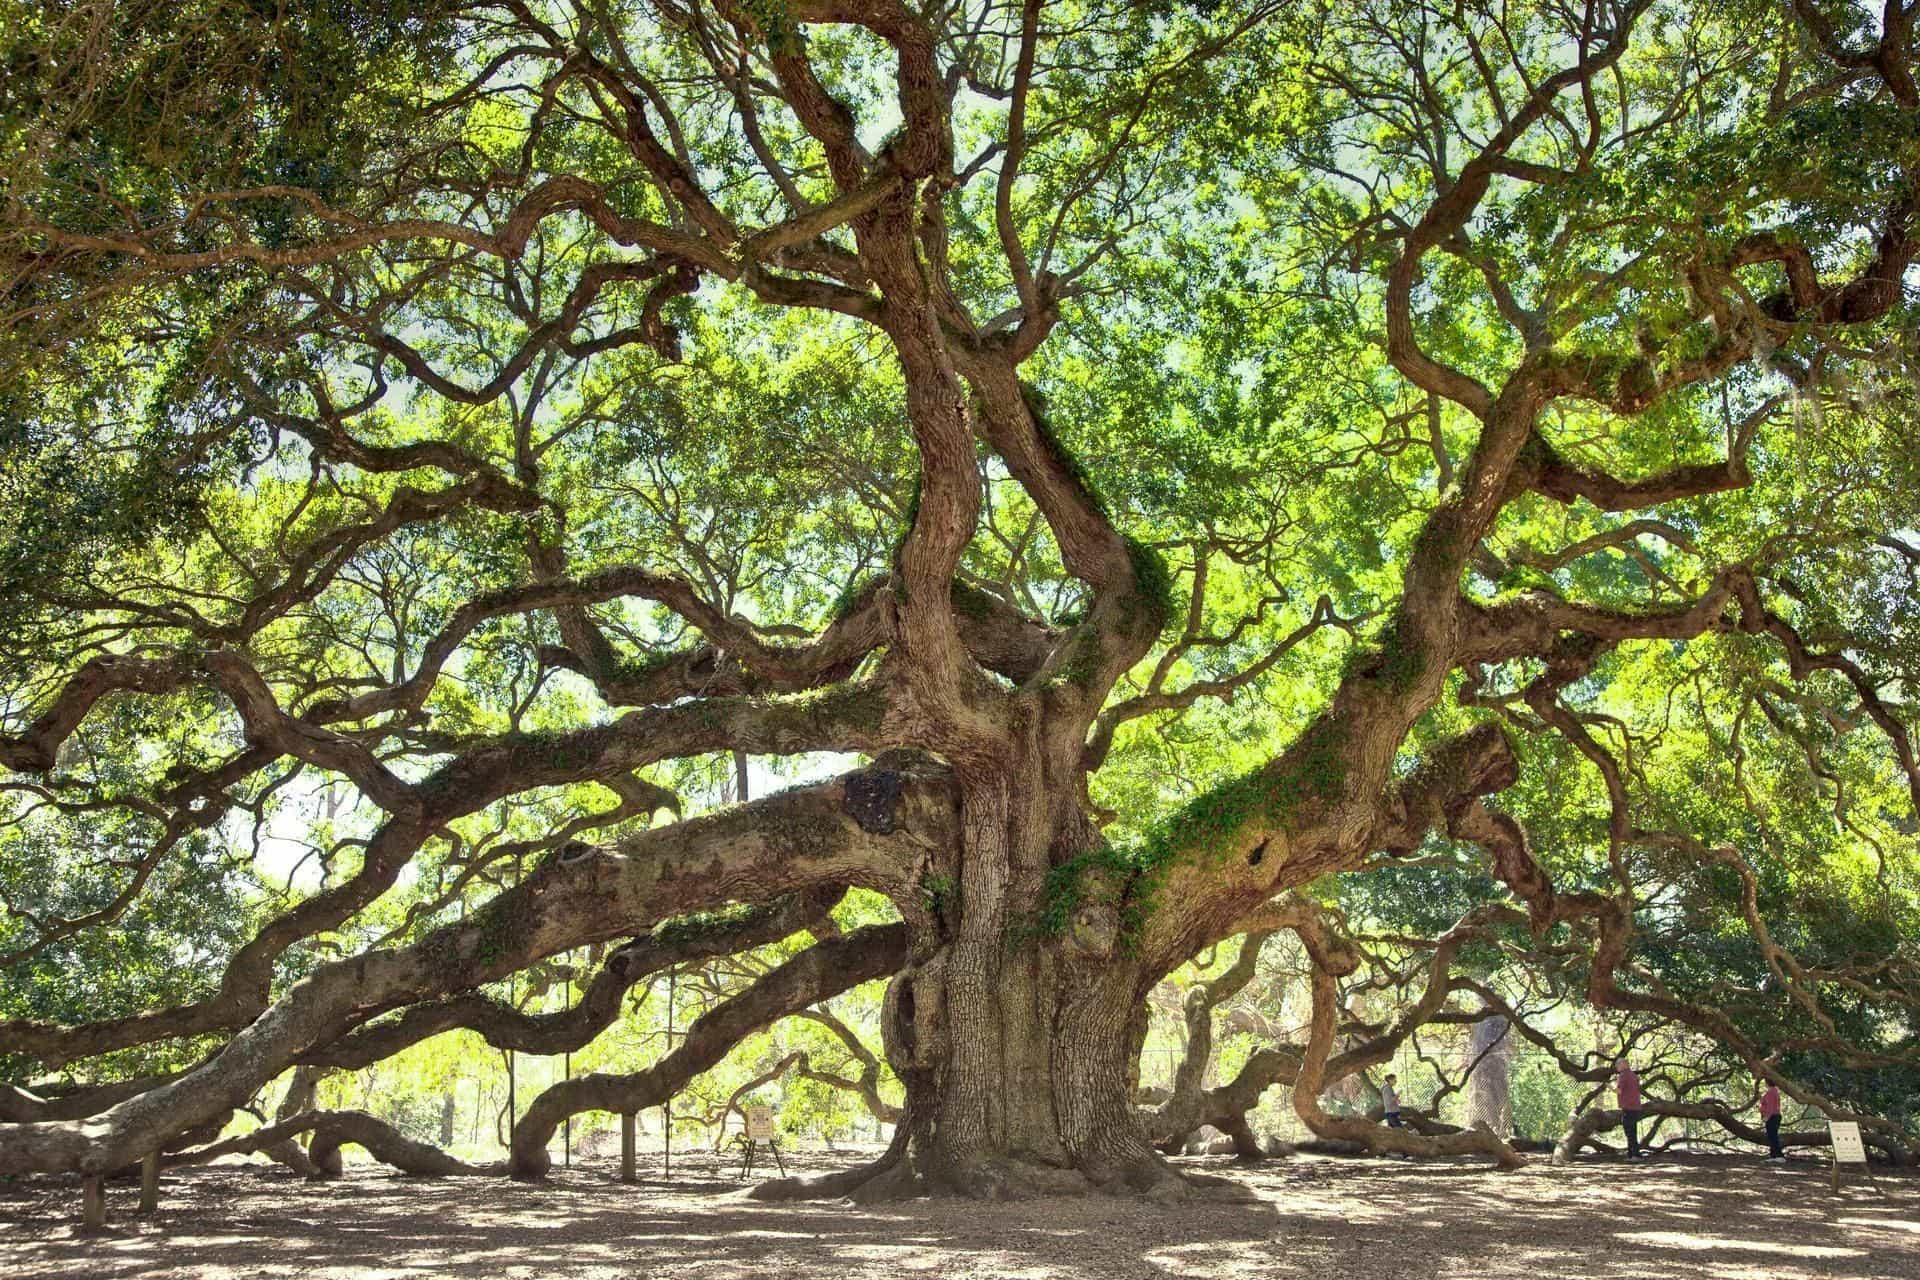 oak dream meaning, dream about oak, oak dream interpretation, seeing in a dream oak